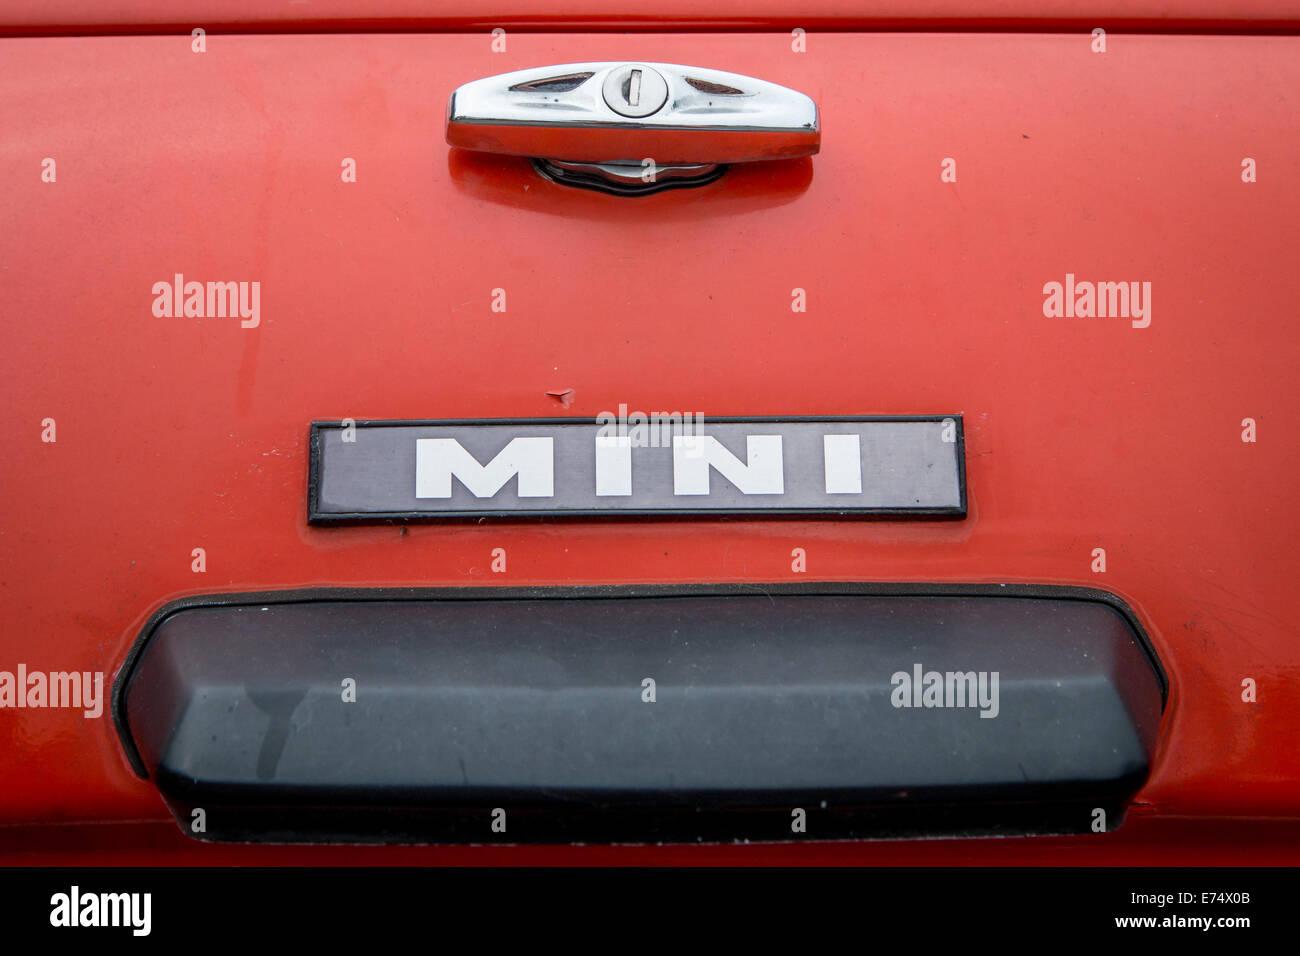 Le mot mini à l'arrière d'une voiture Photo Stock